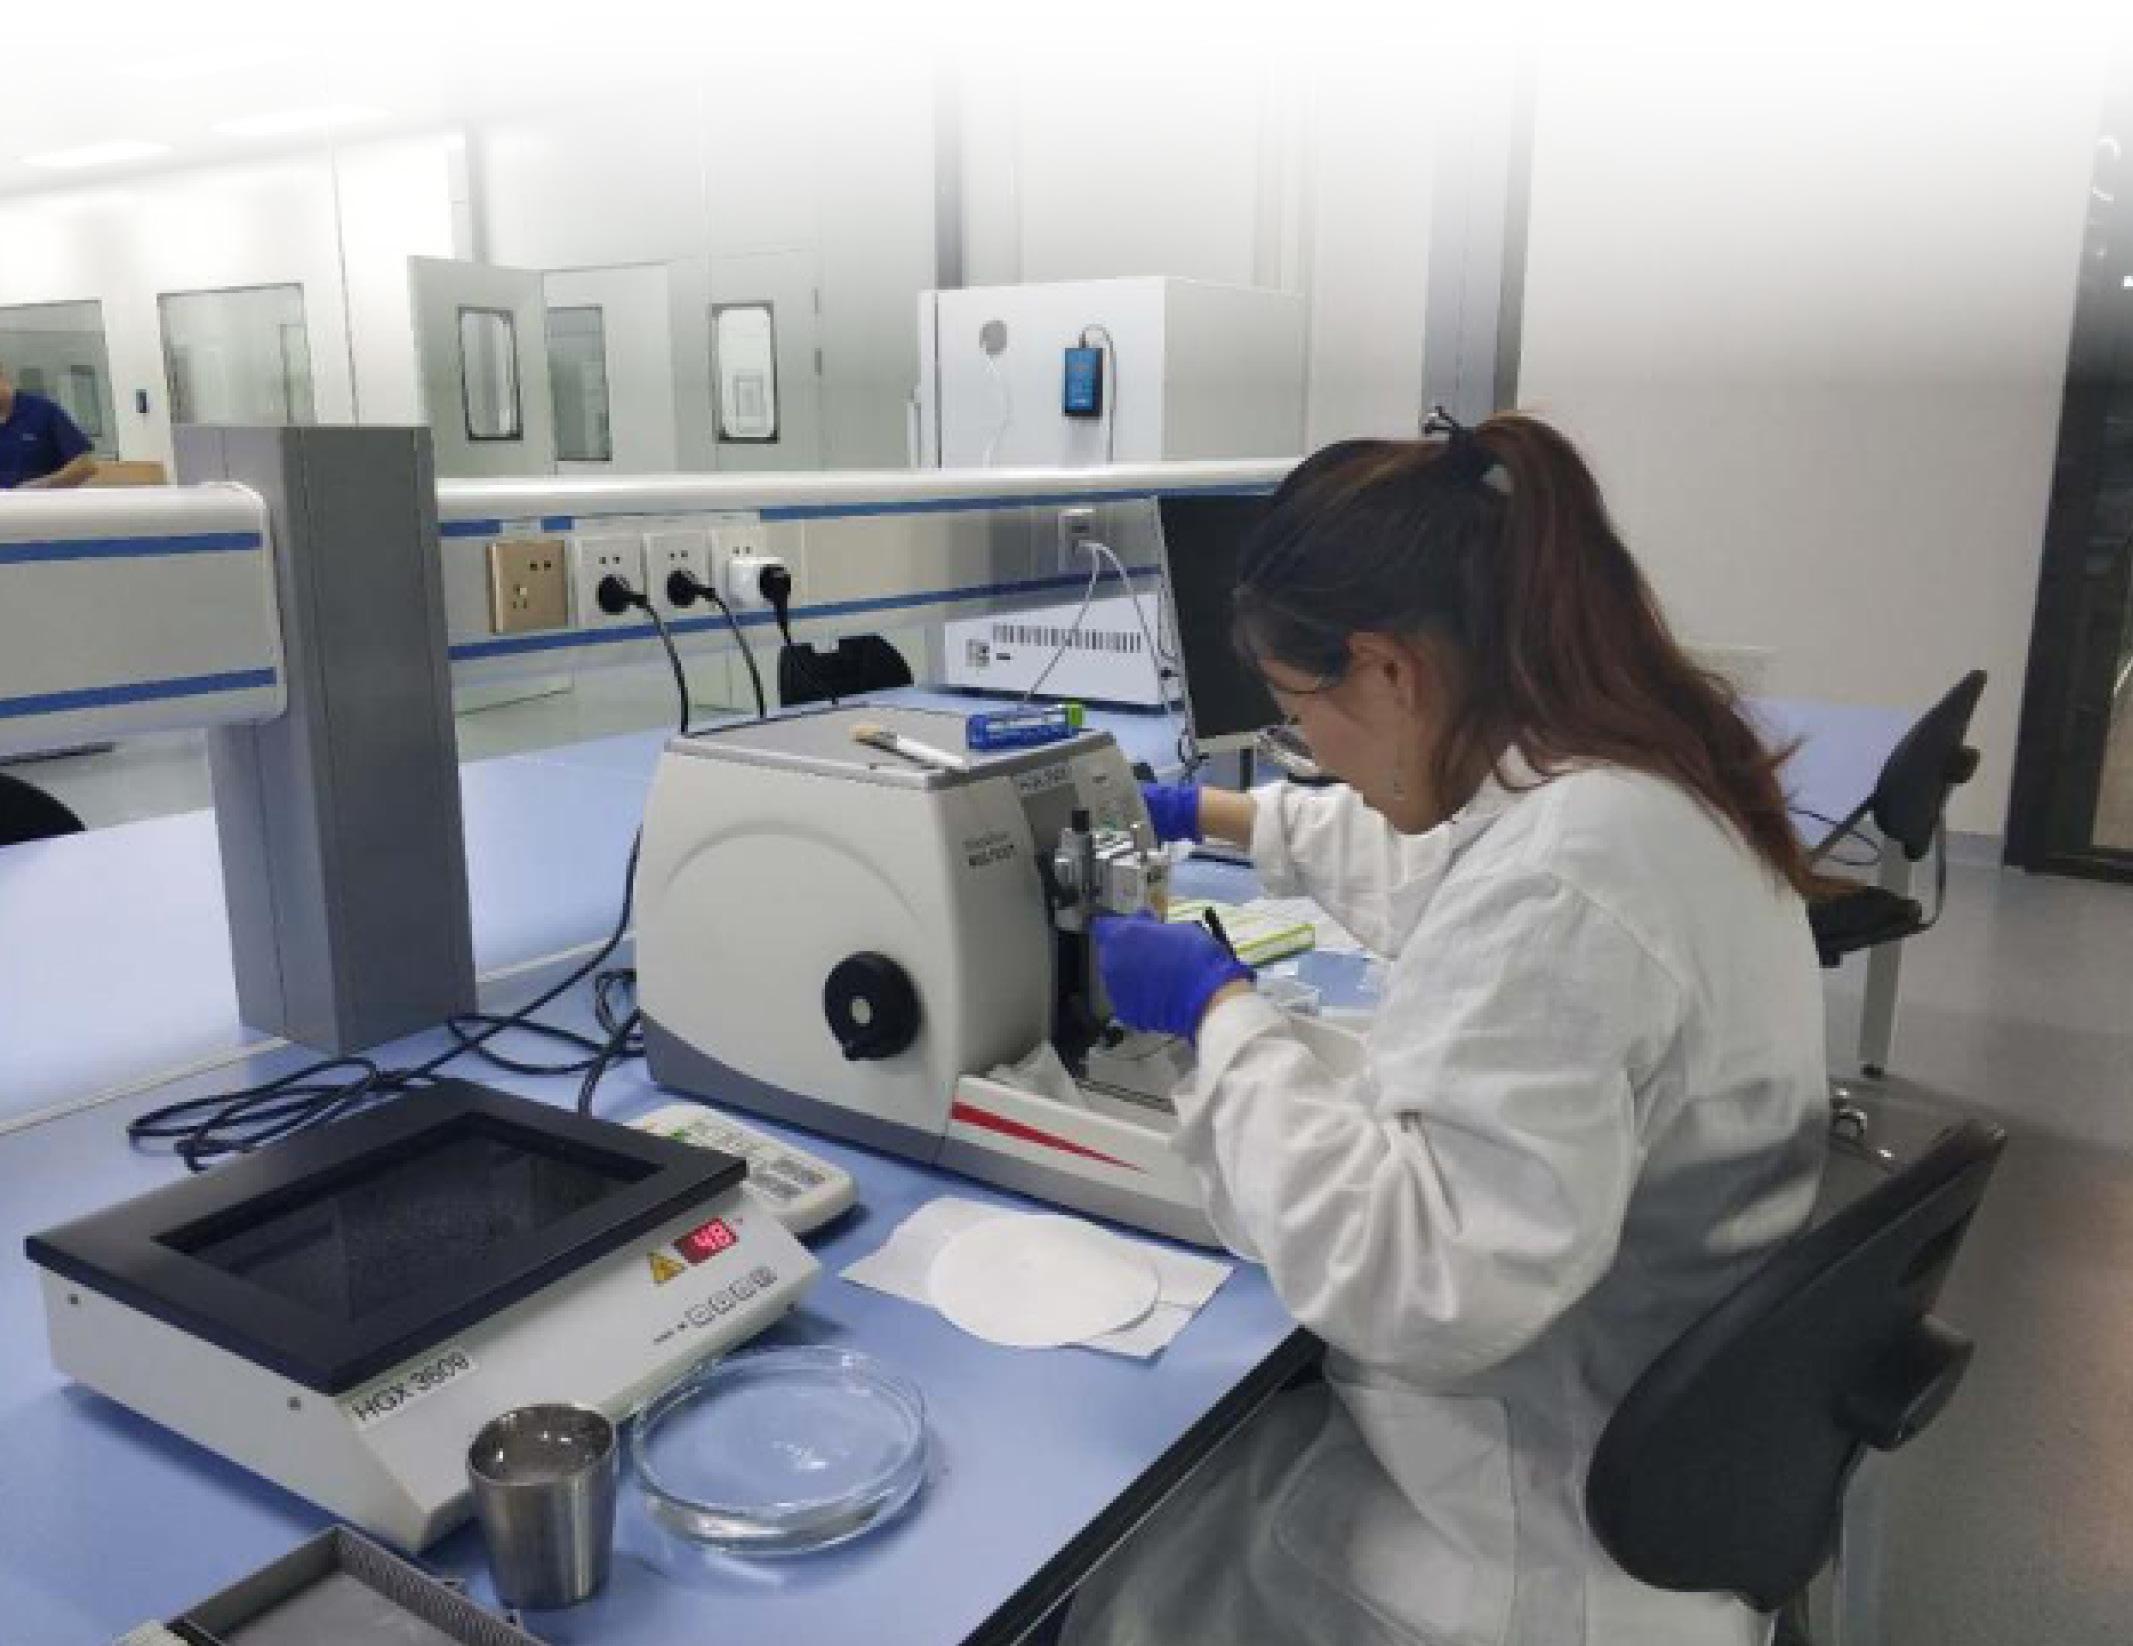 Caprion-HistoGeneX<br>Maintenant prêt à recevoir vos échantillons en Chine